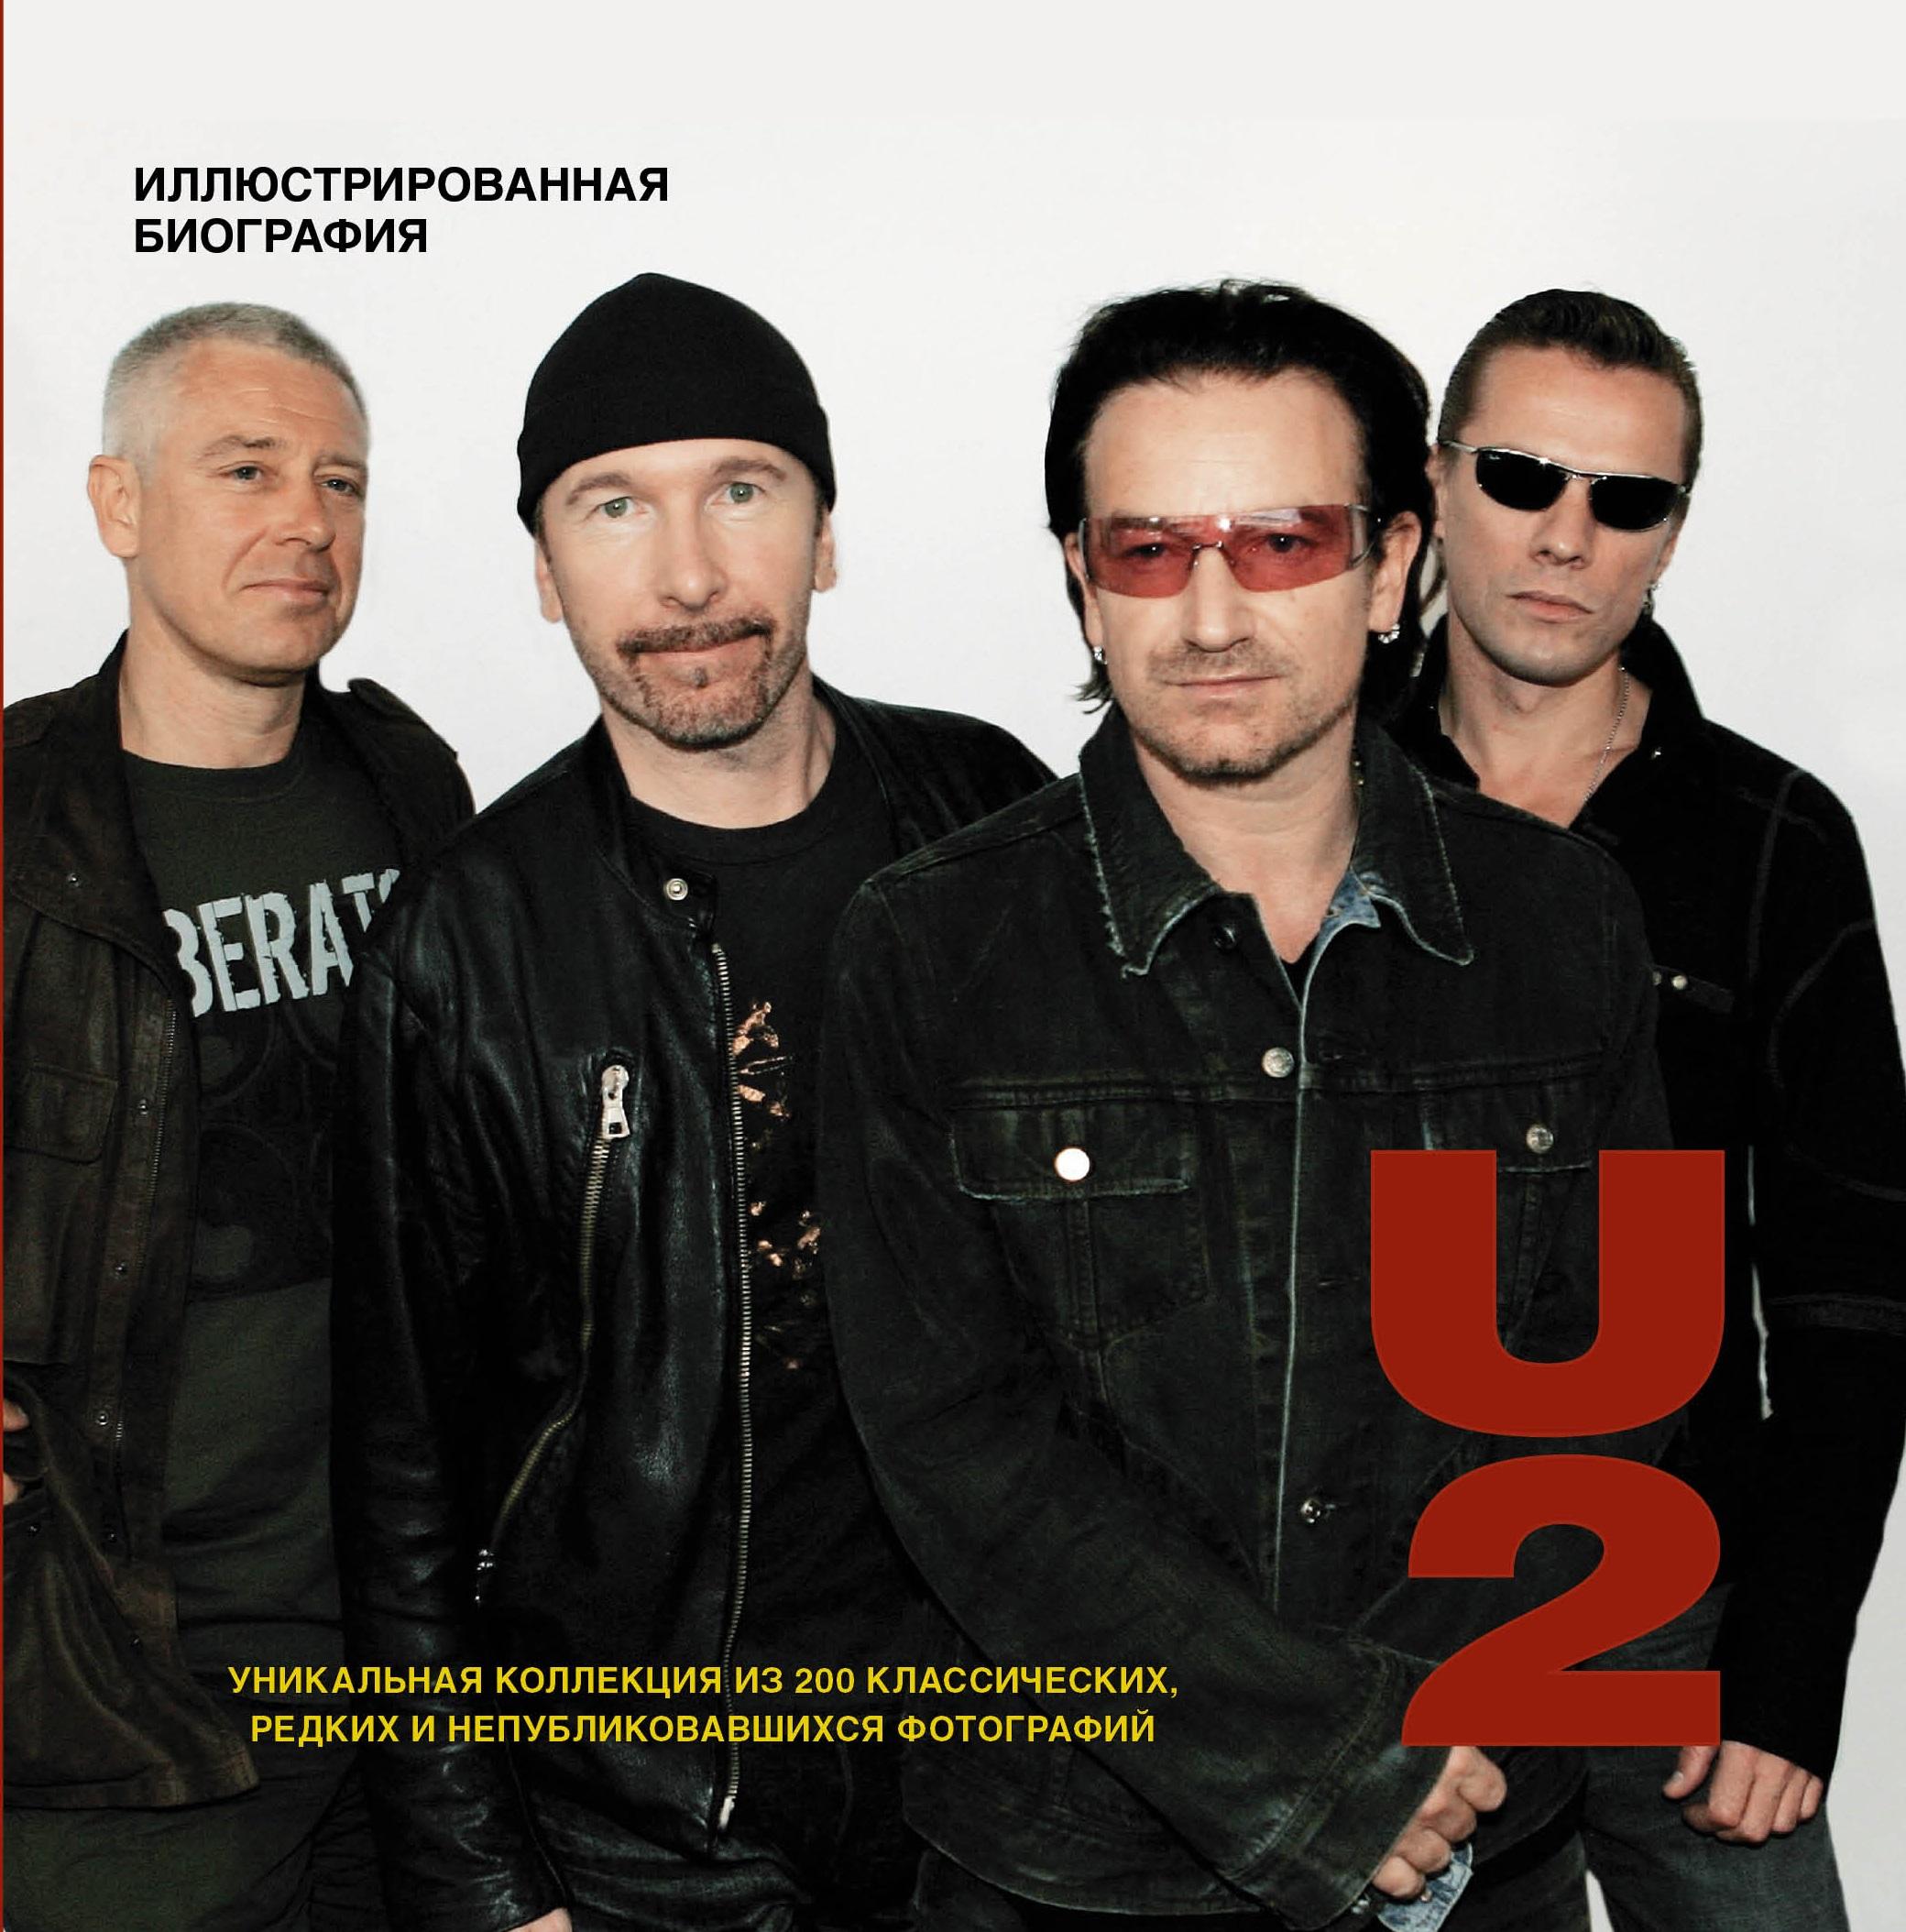 Мартин Андерсен U2. Иллюстрированная биография